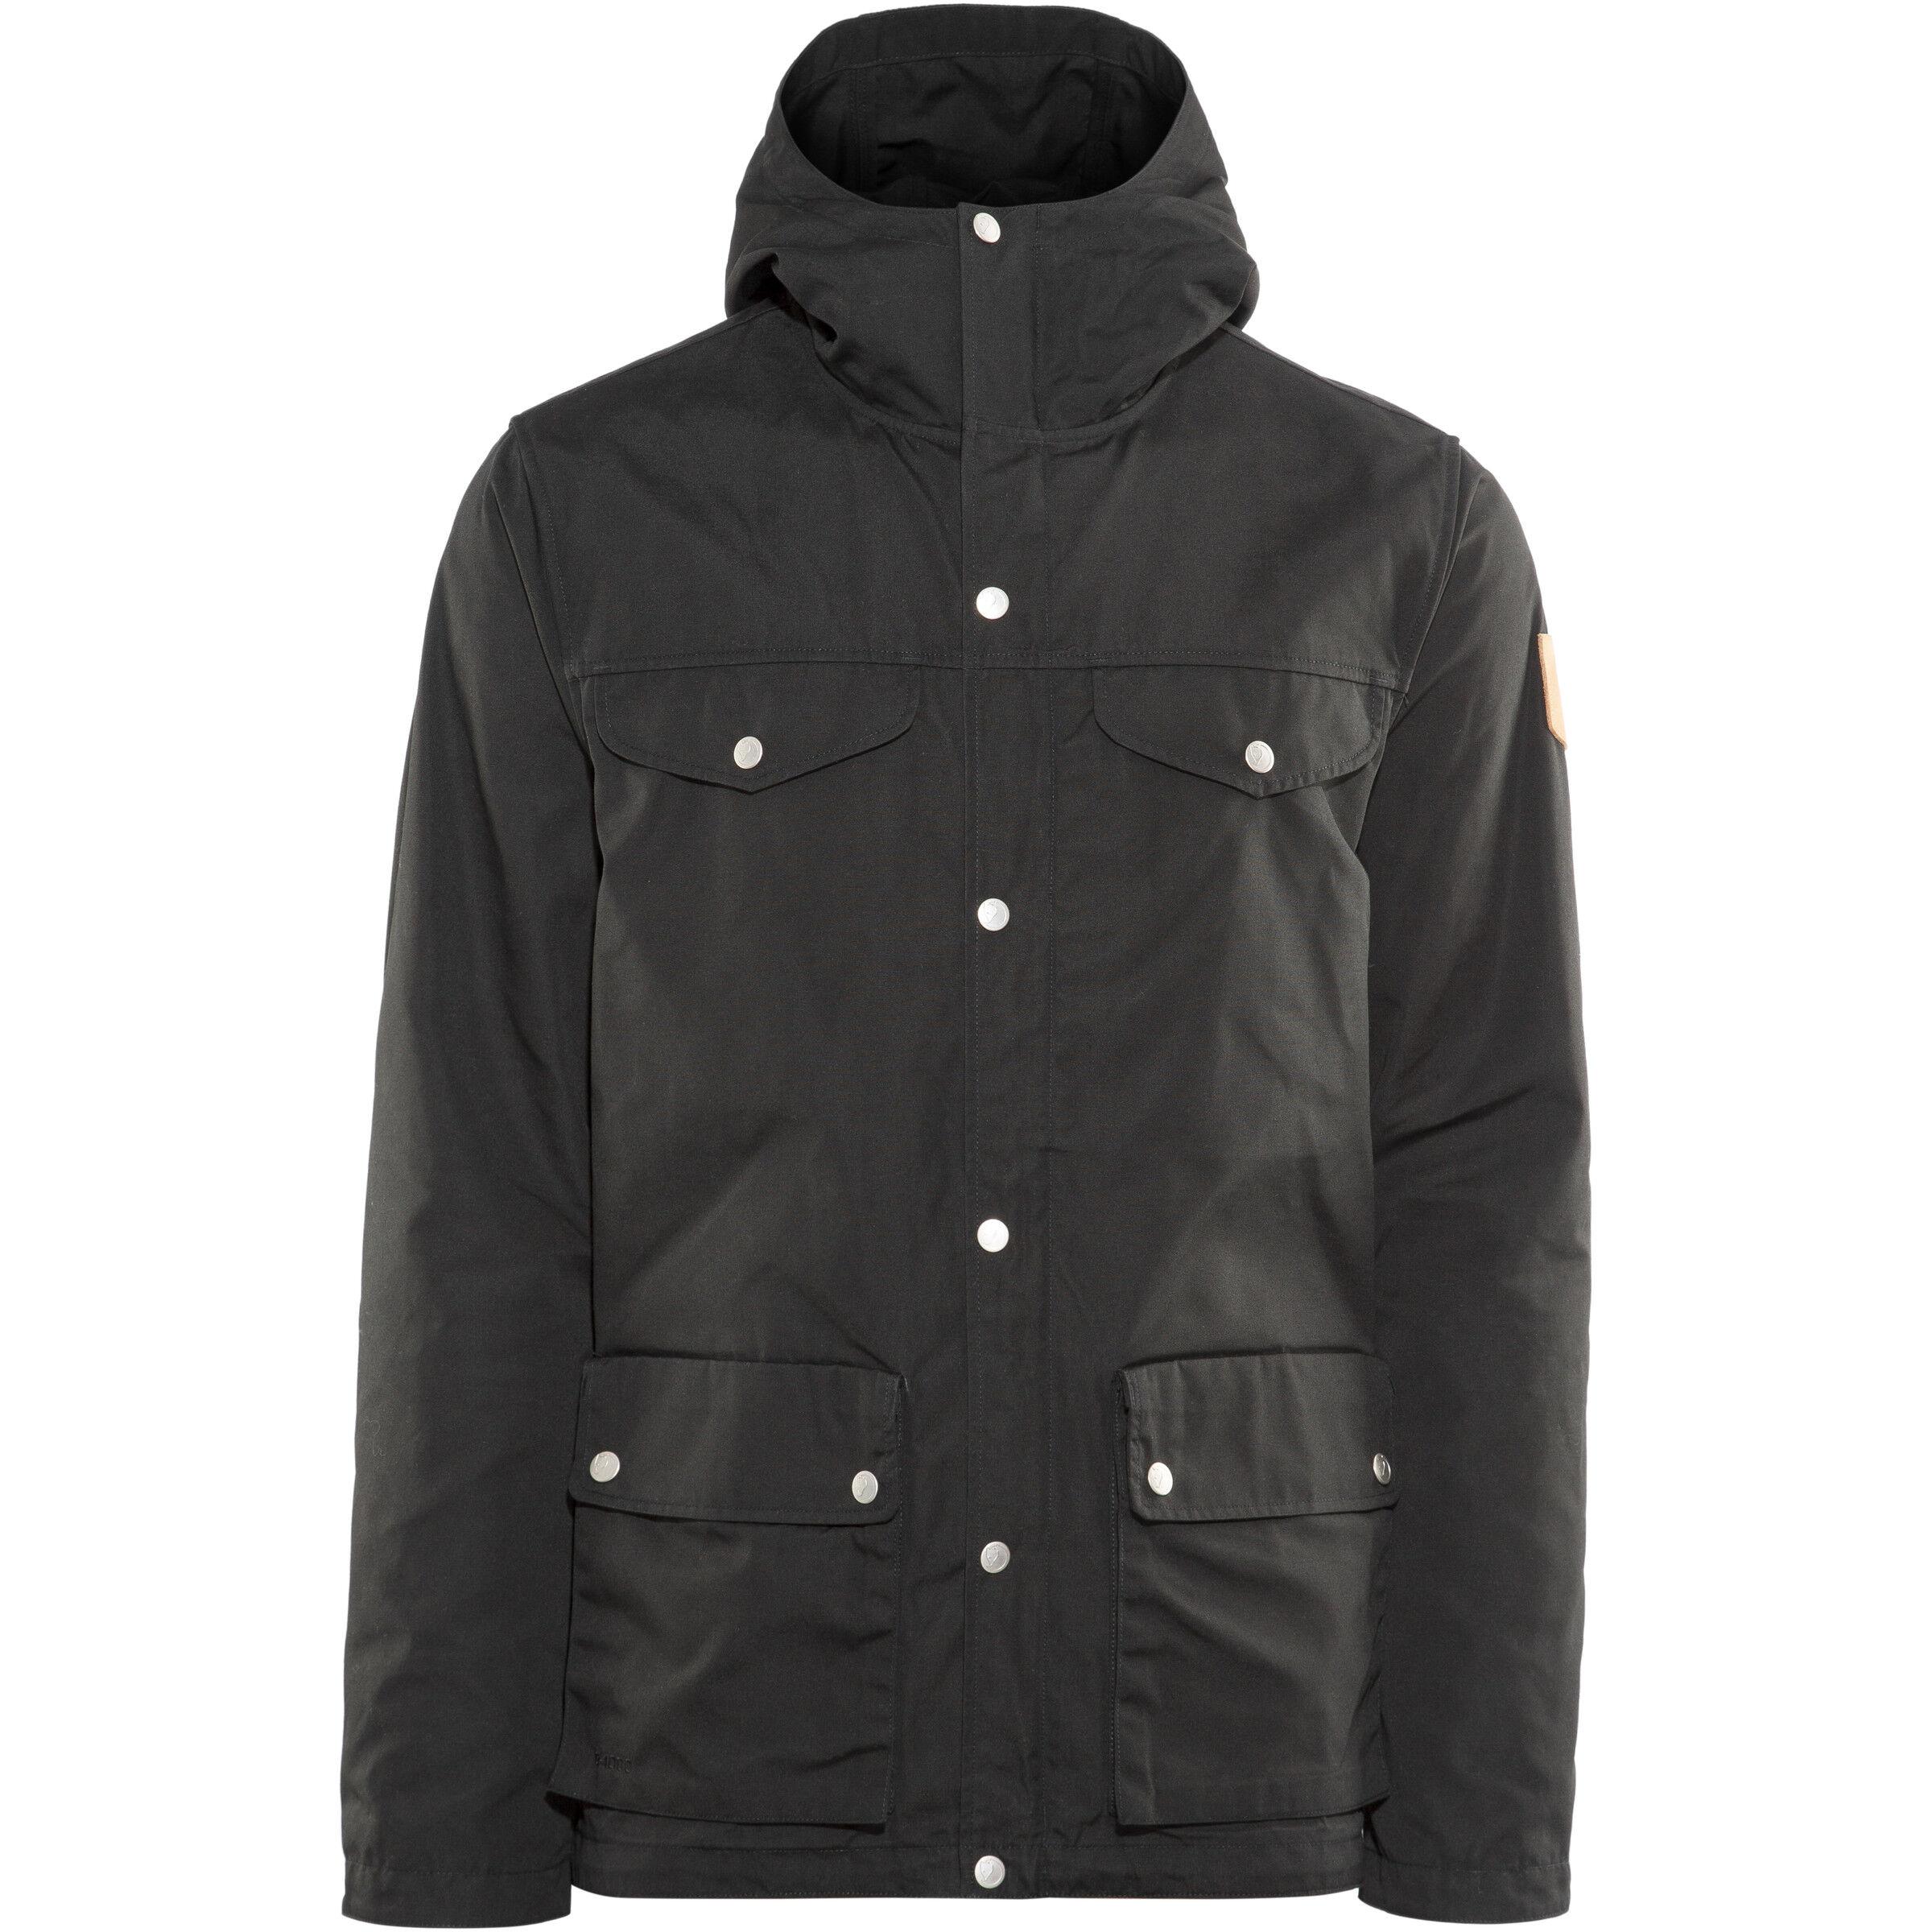 Jacket Fjällräven Greenland Herren Black Fjällräven fgy7Yb6